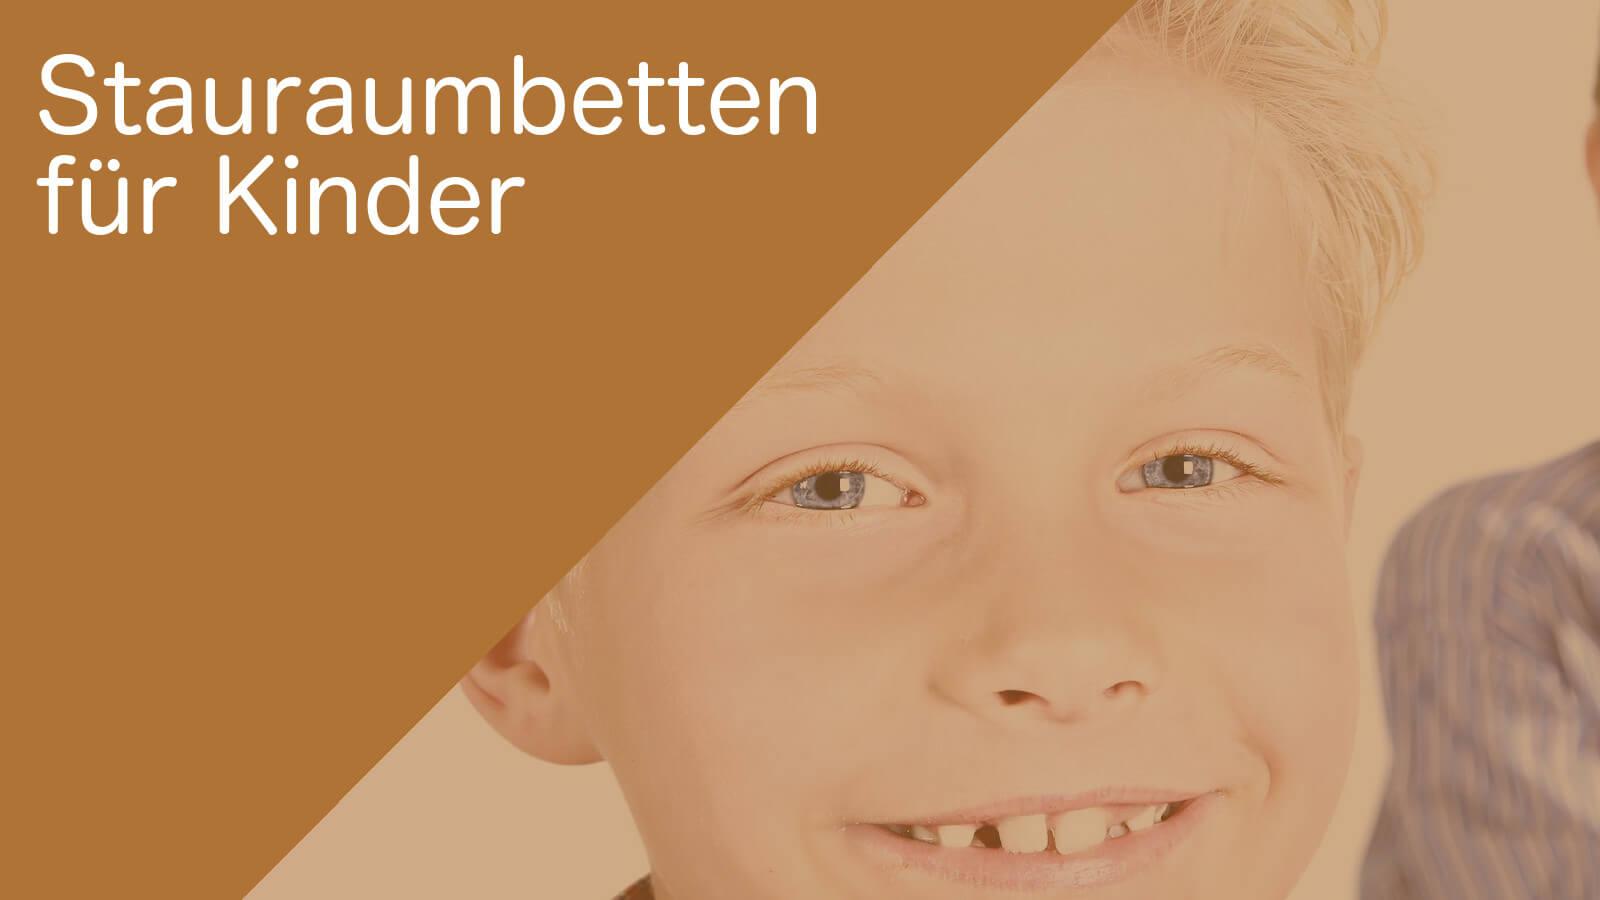 staurambett_fuer_kinder